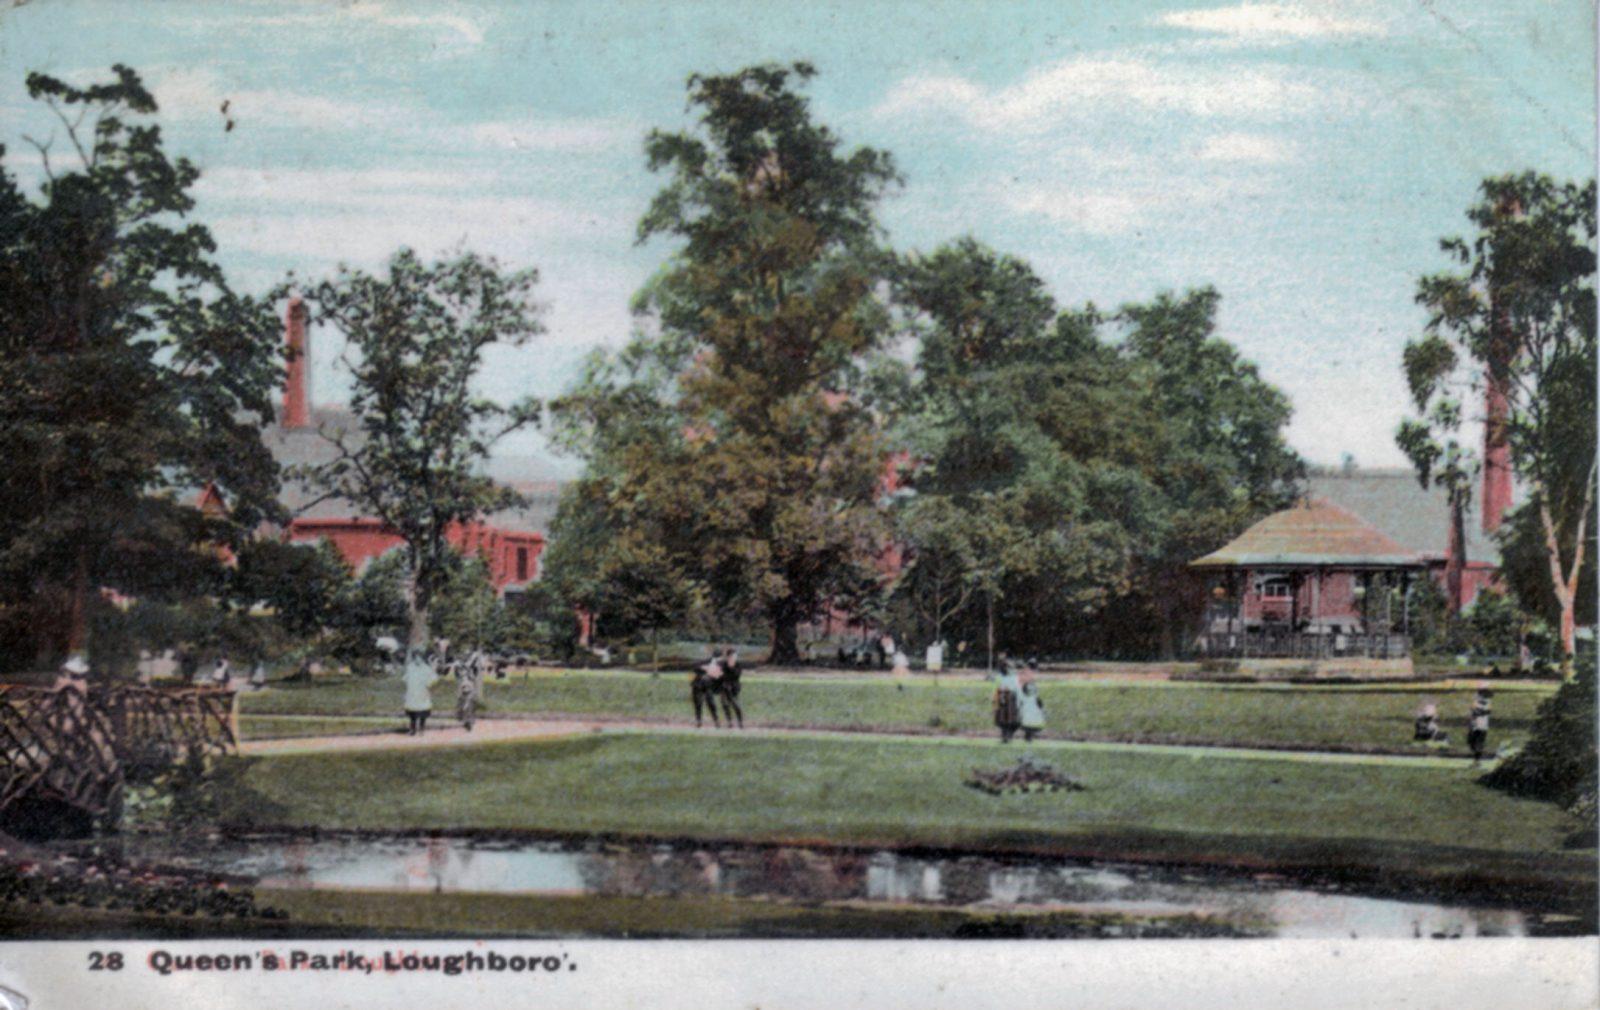 Queens Park, Loughborough. 1901-1920: Rustic bridge and stream in park. Franked 1910 (File:1260)